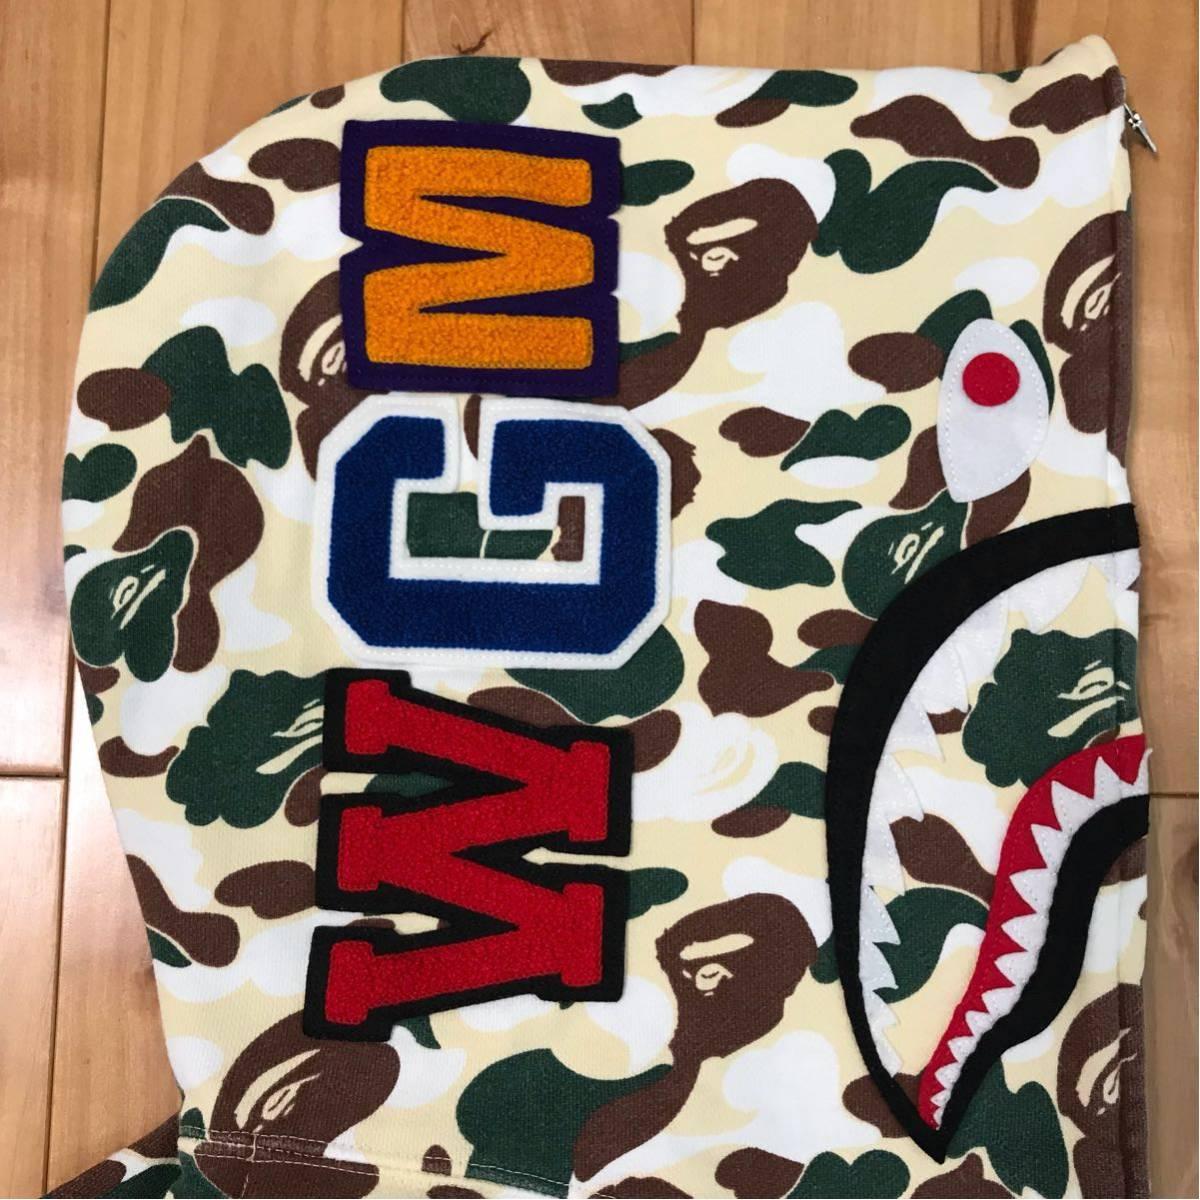 ★鹿児島限定★ kagoshima city camo シャーク パーカー L ape bape shark full zip hoodie エイプ ベイプ アベイシングエイプ 都市限定